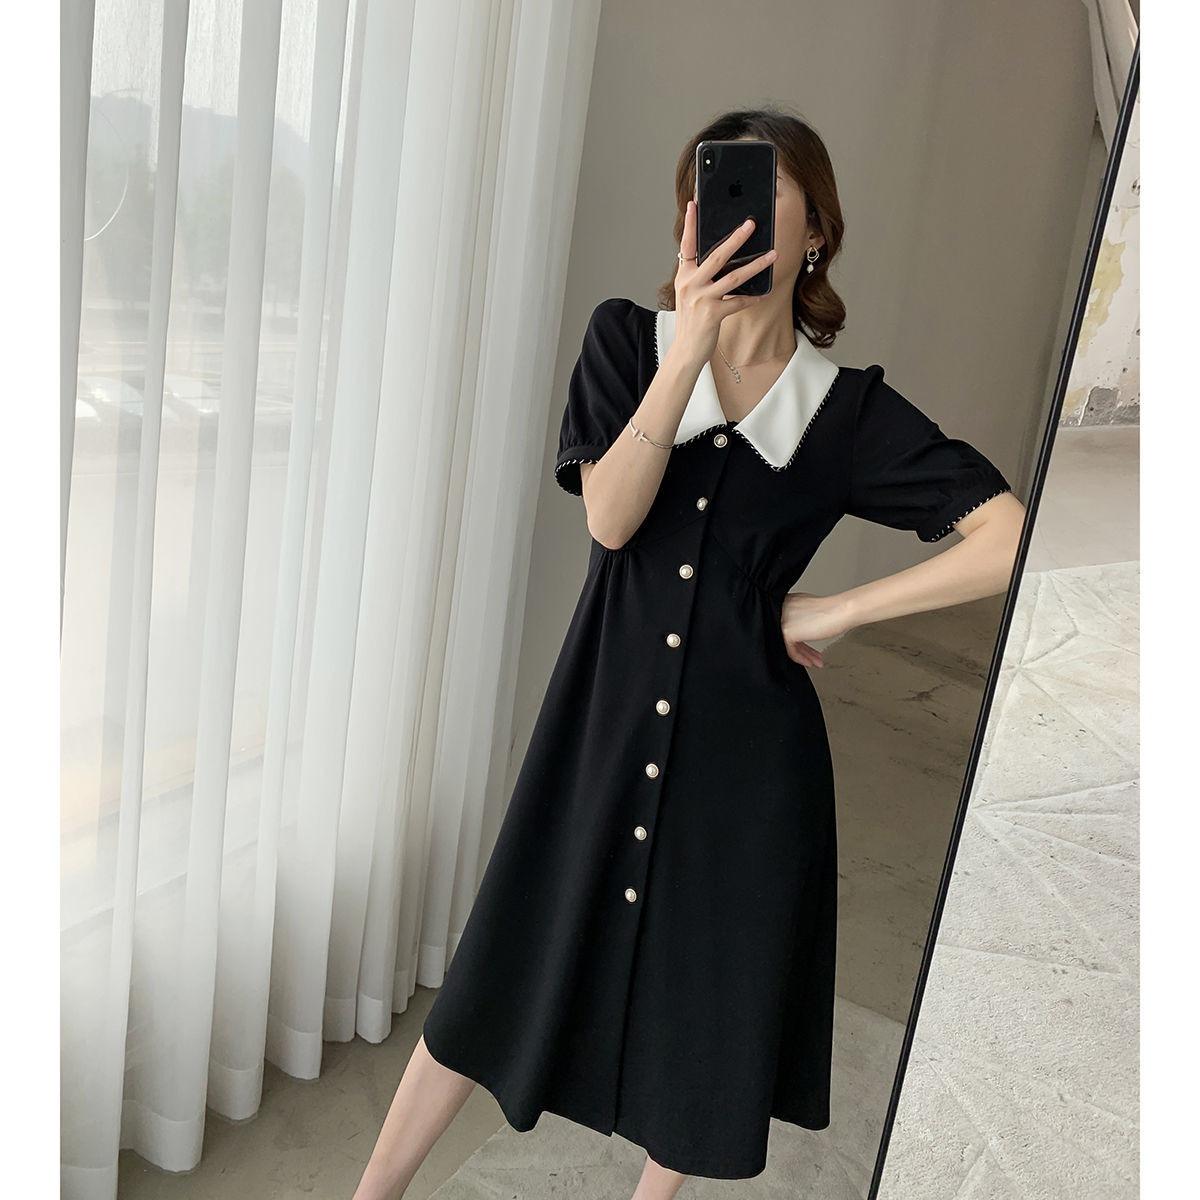 中长款过膝小黑裙2020夏季新款收腰显瘦裙子女夏裙子女学生韩版仙